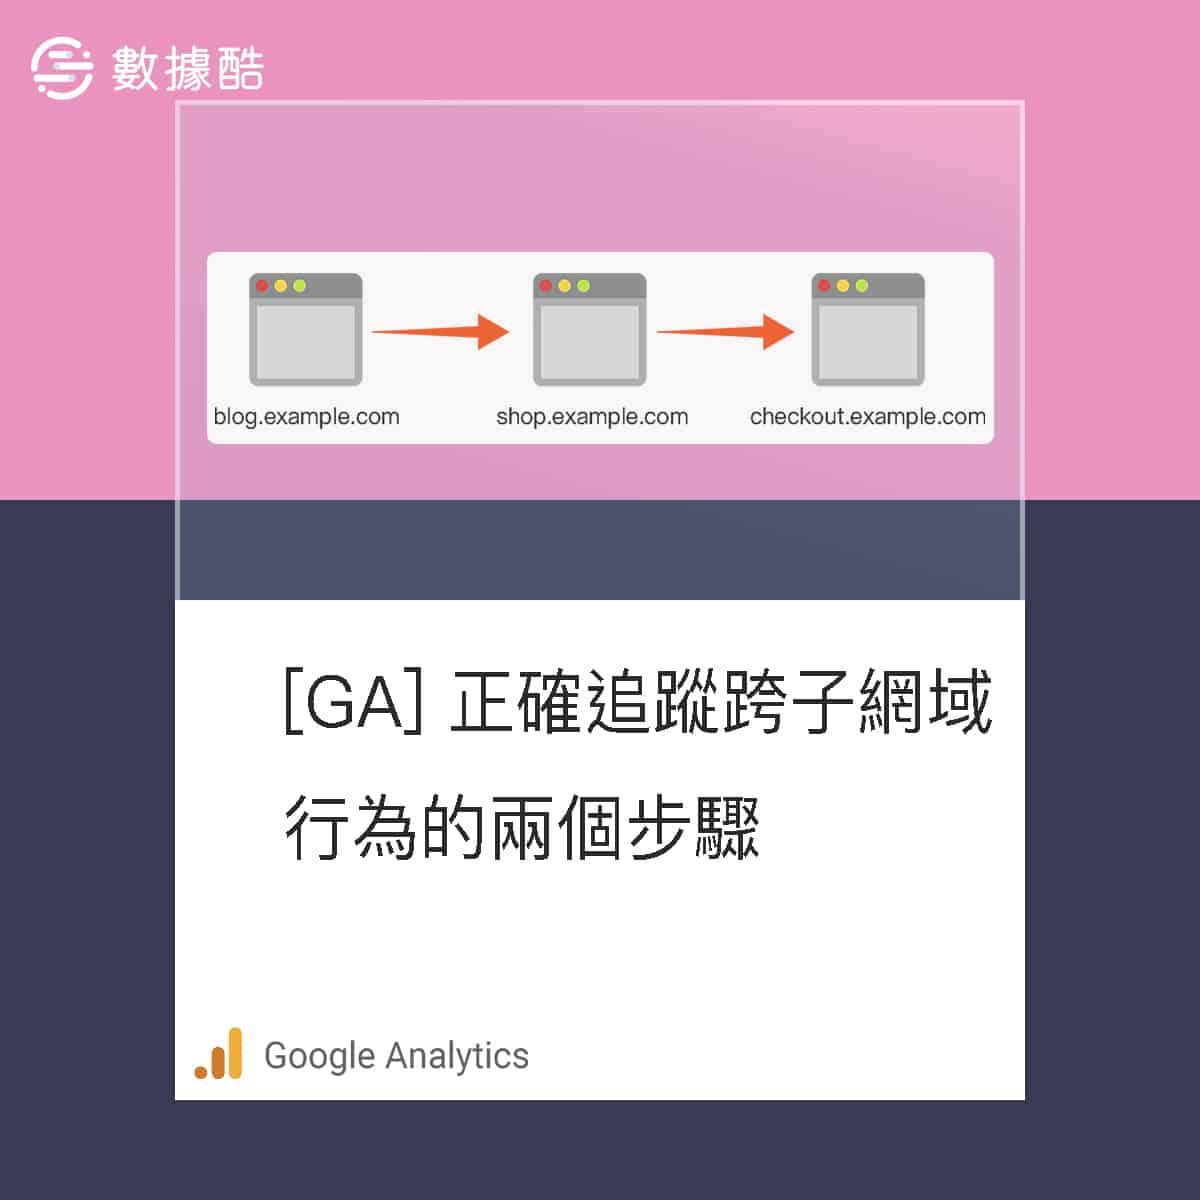 GA 正確 追蹤 子網域 行為的兩個步驟